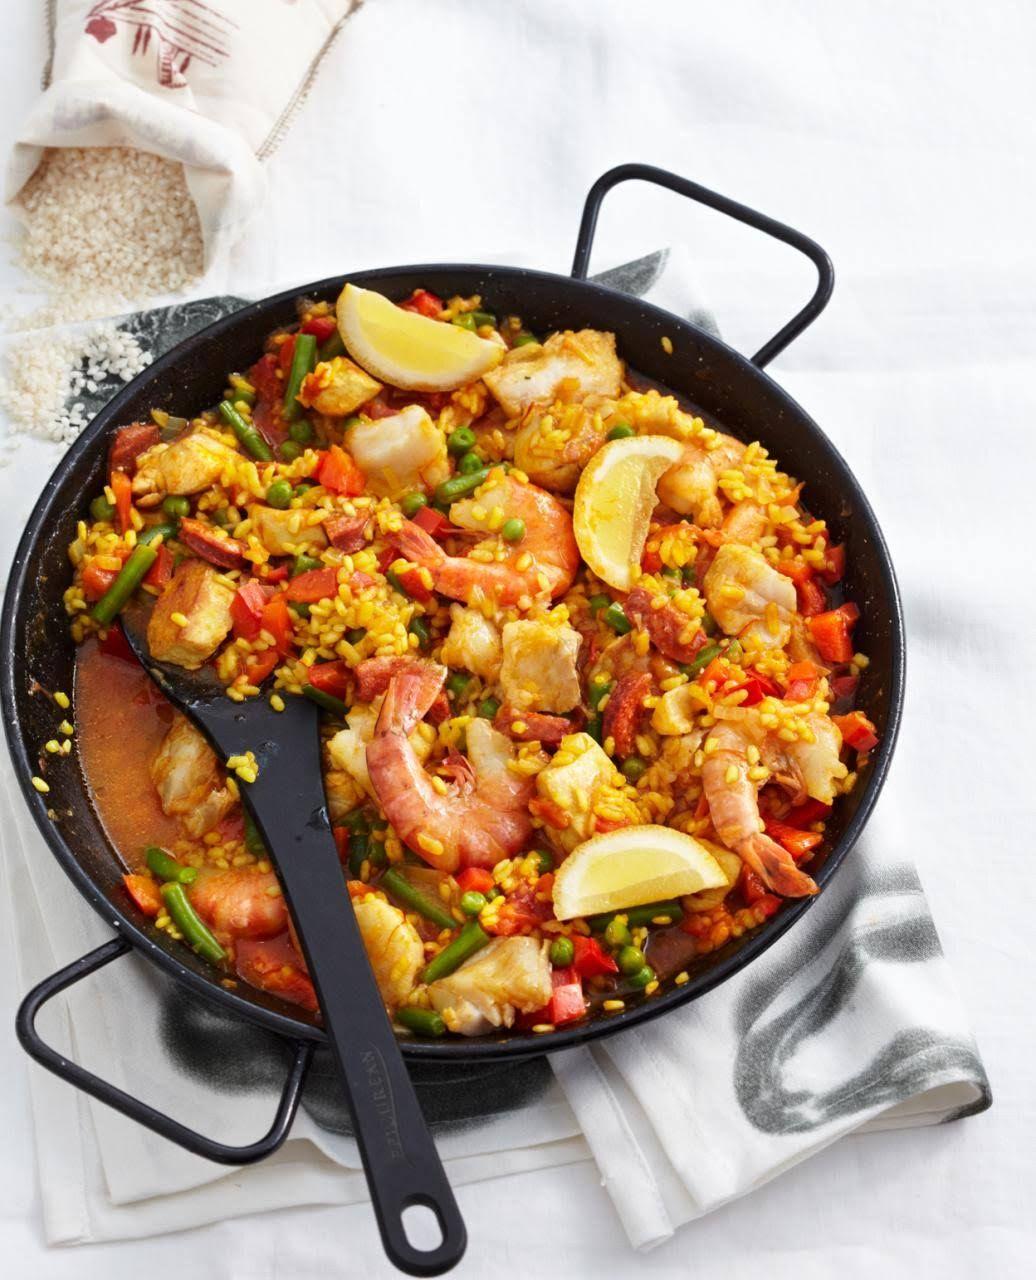 Paella das spanische original rezept essen pinterest paella spanische paella und - Spanische dekoration ...